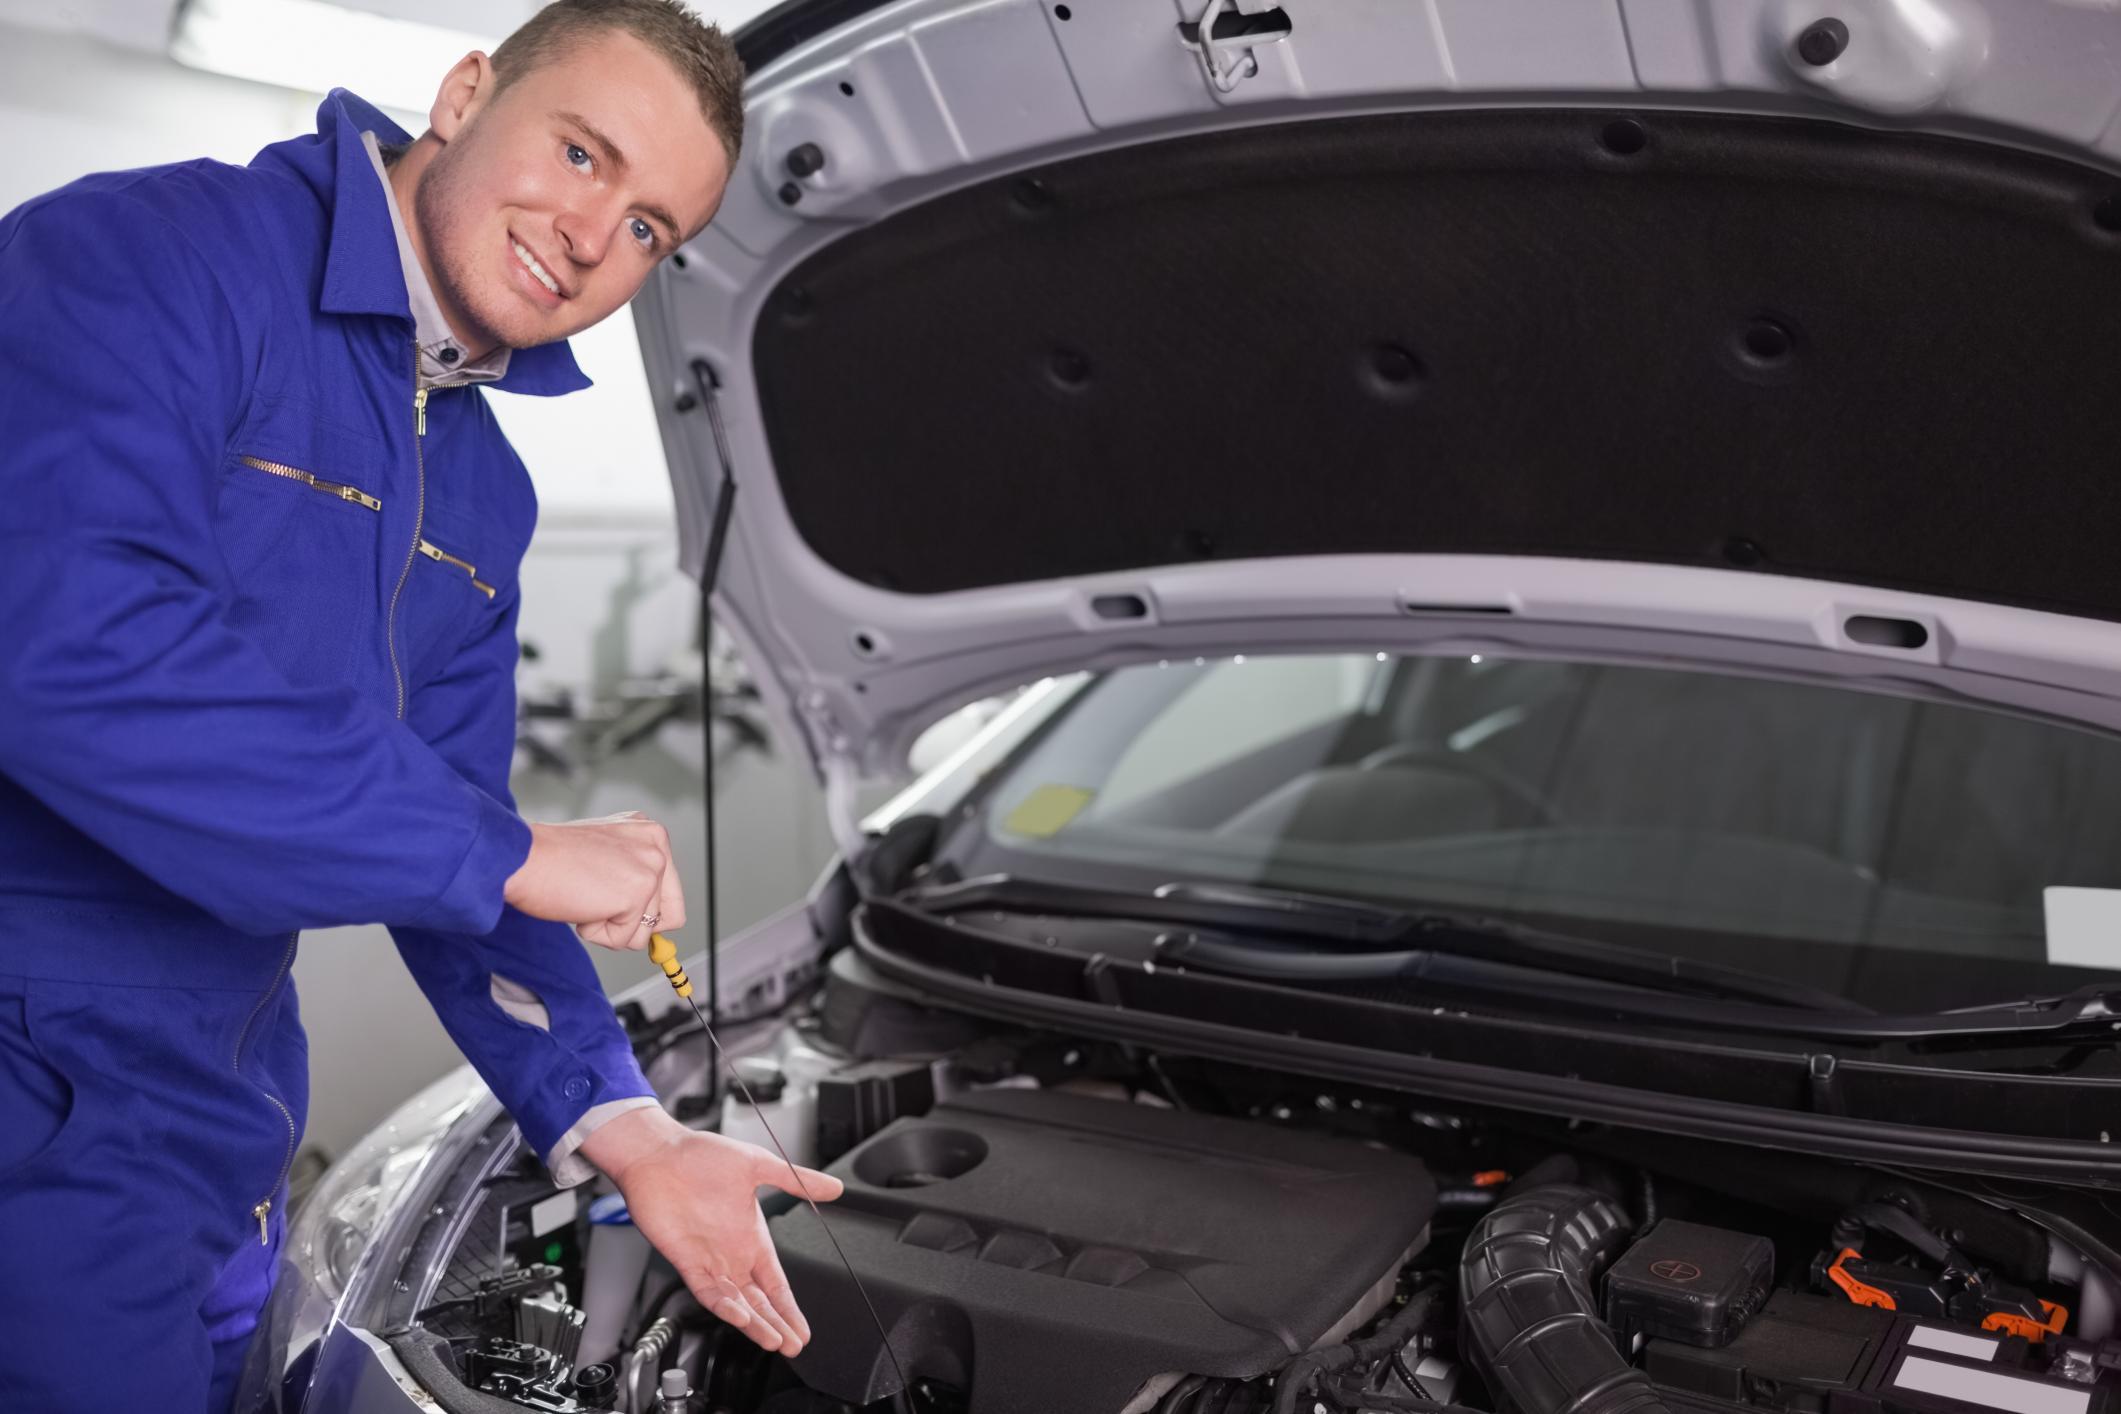 Jacksonvalle-Best-Mobile-Mechanic-Regular-Vehicle-Maintenance-2